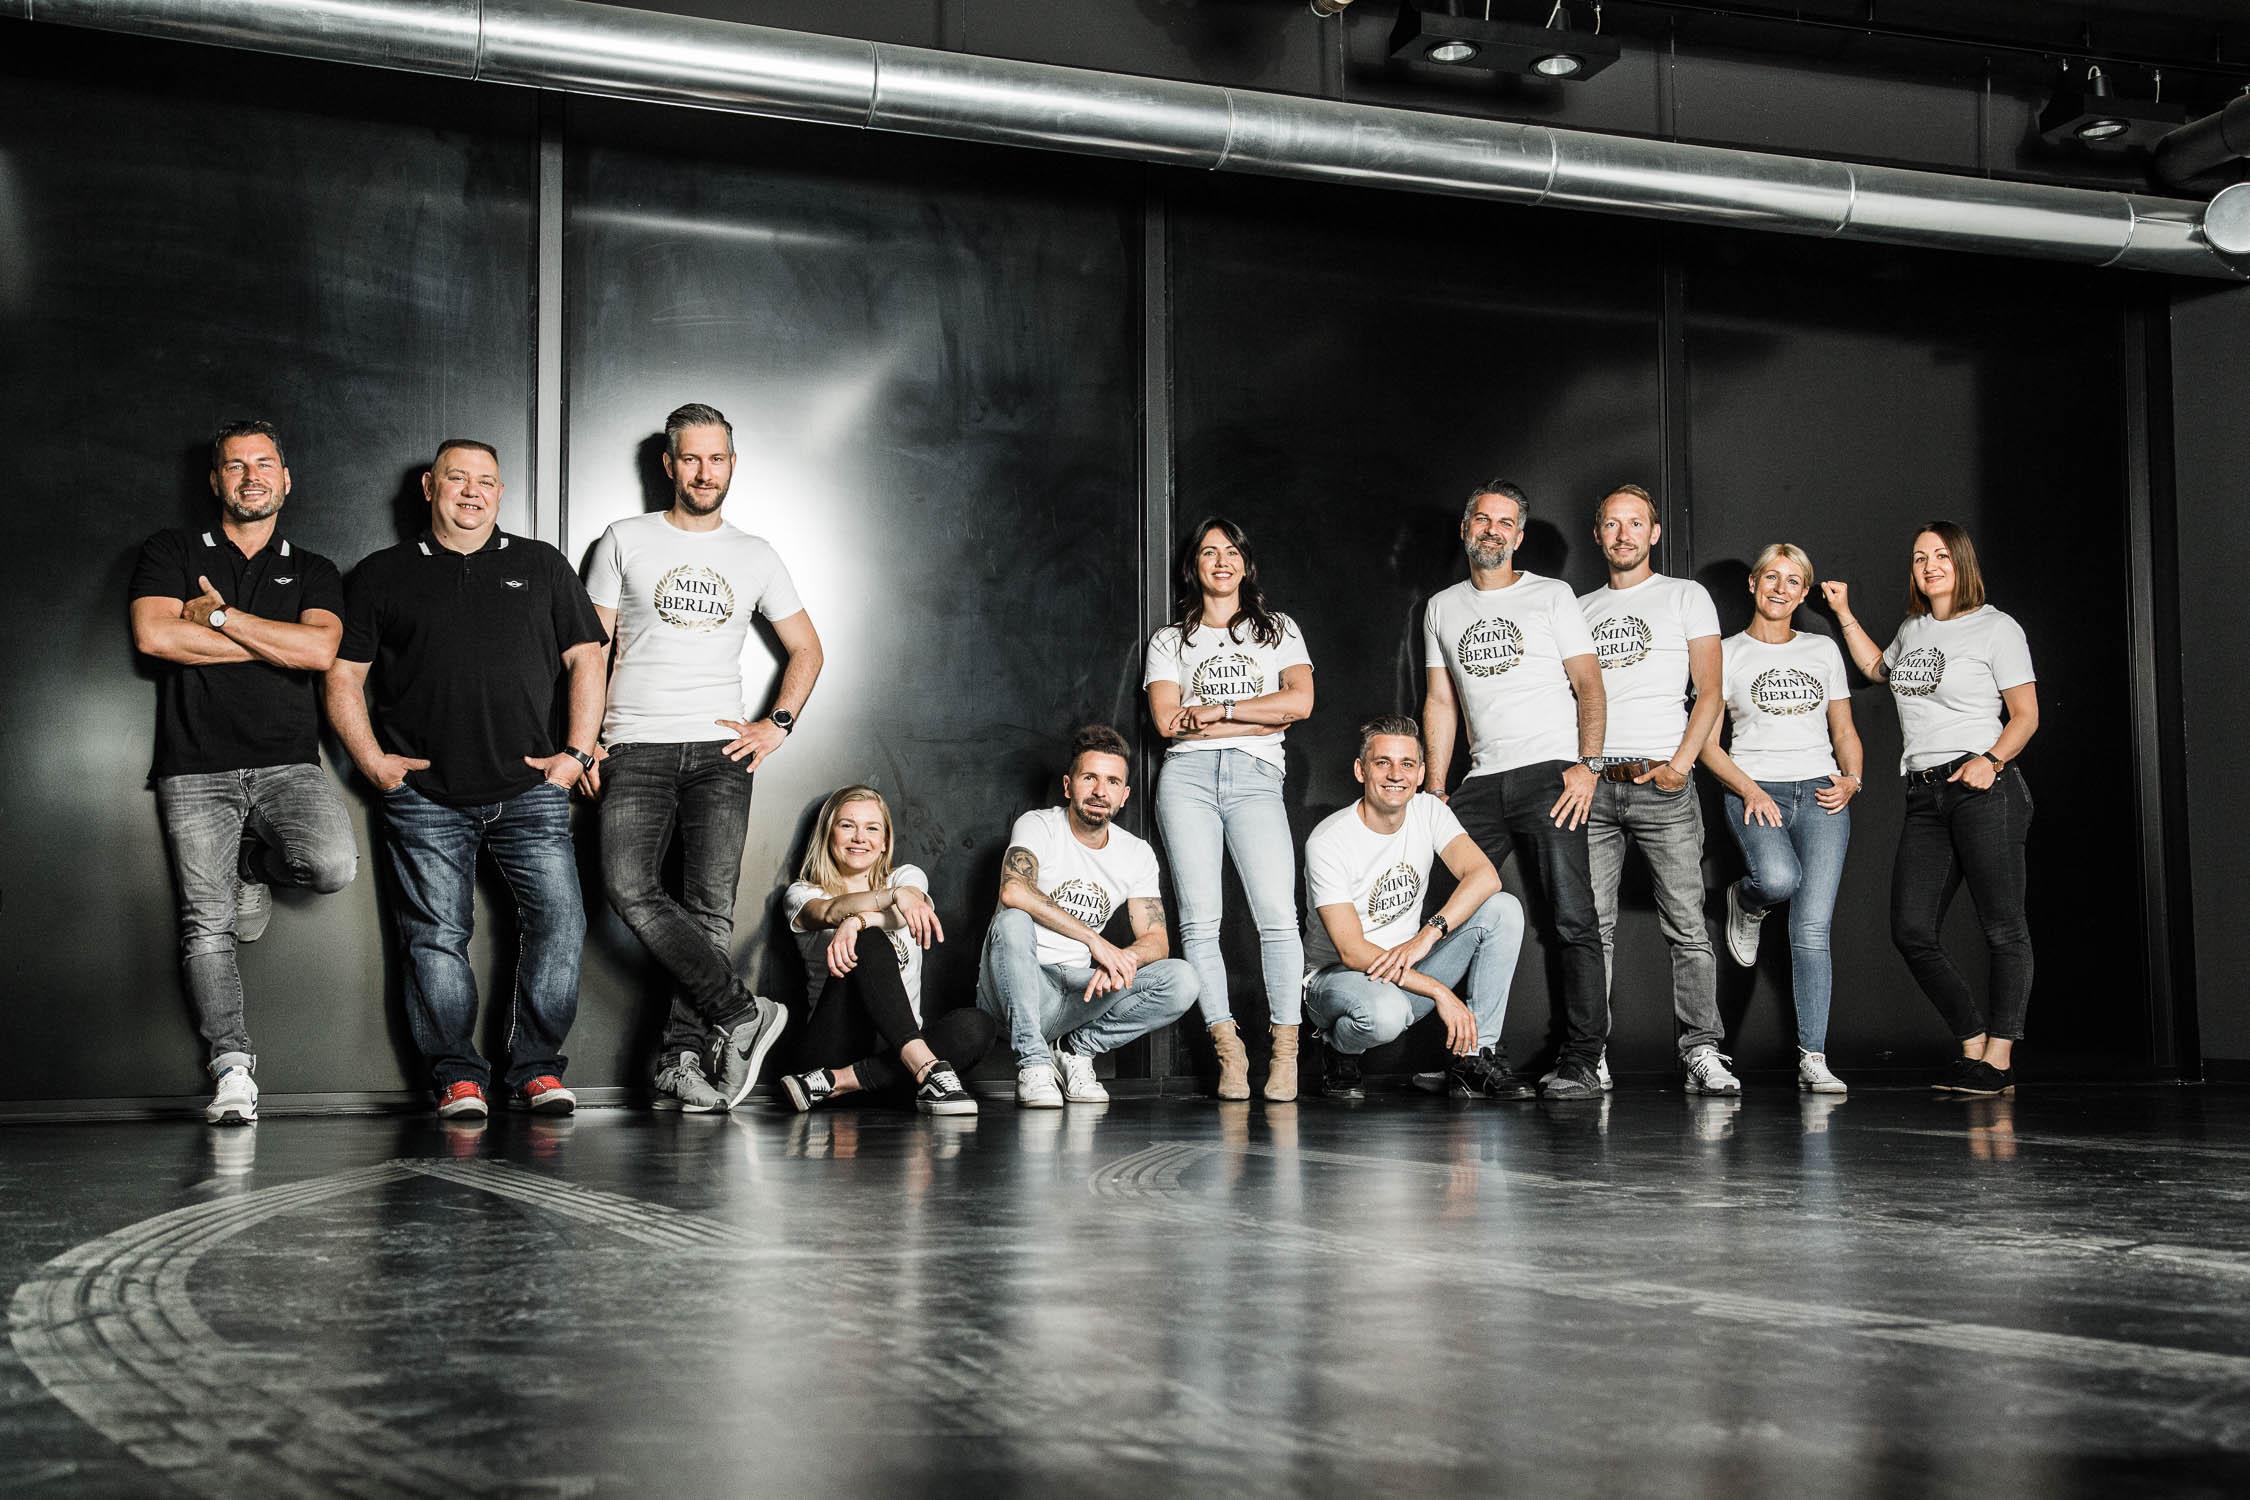 BMW-Mini-Teamfoto-Gruppenfoto-Businessfotos-Berlin-Annette-Koroll